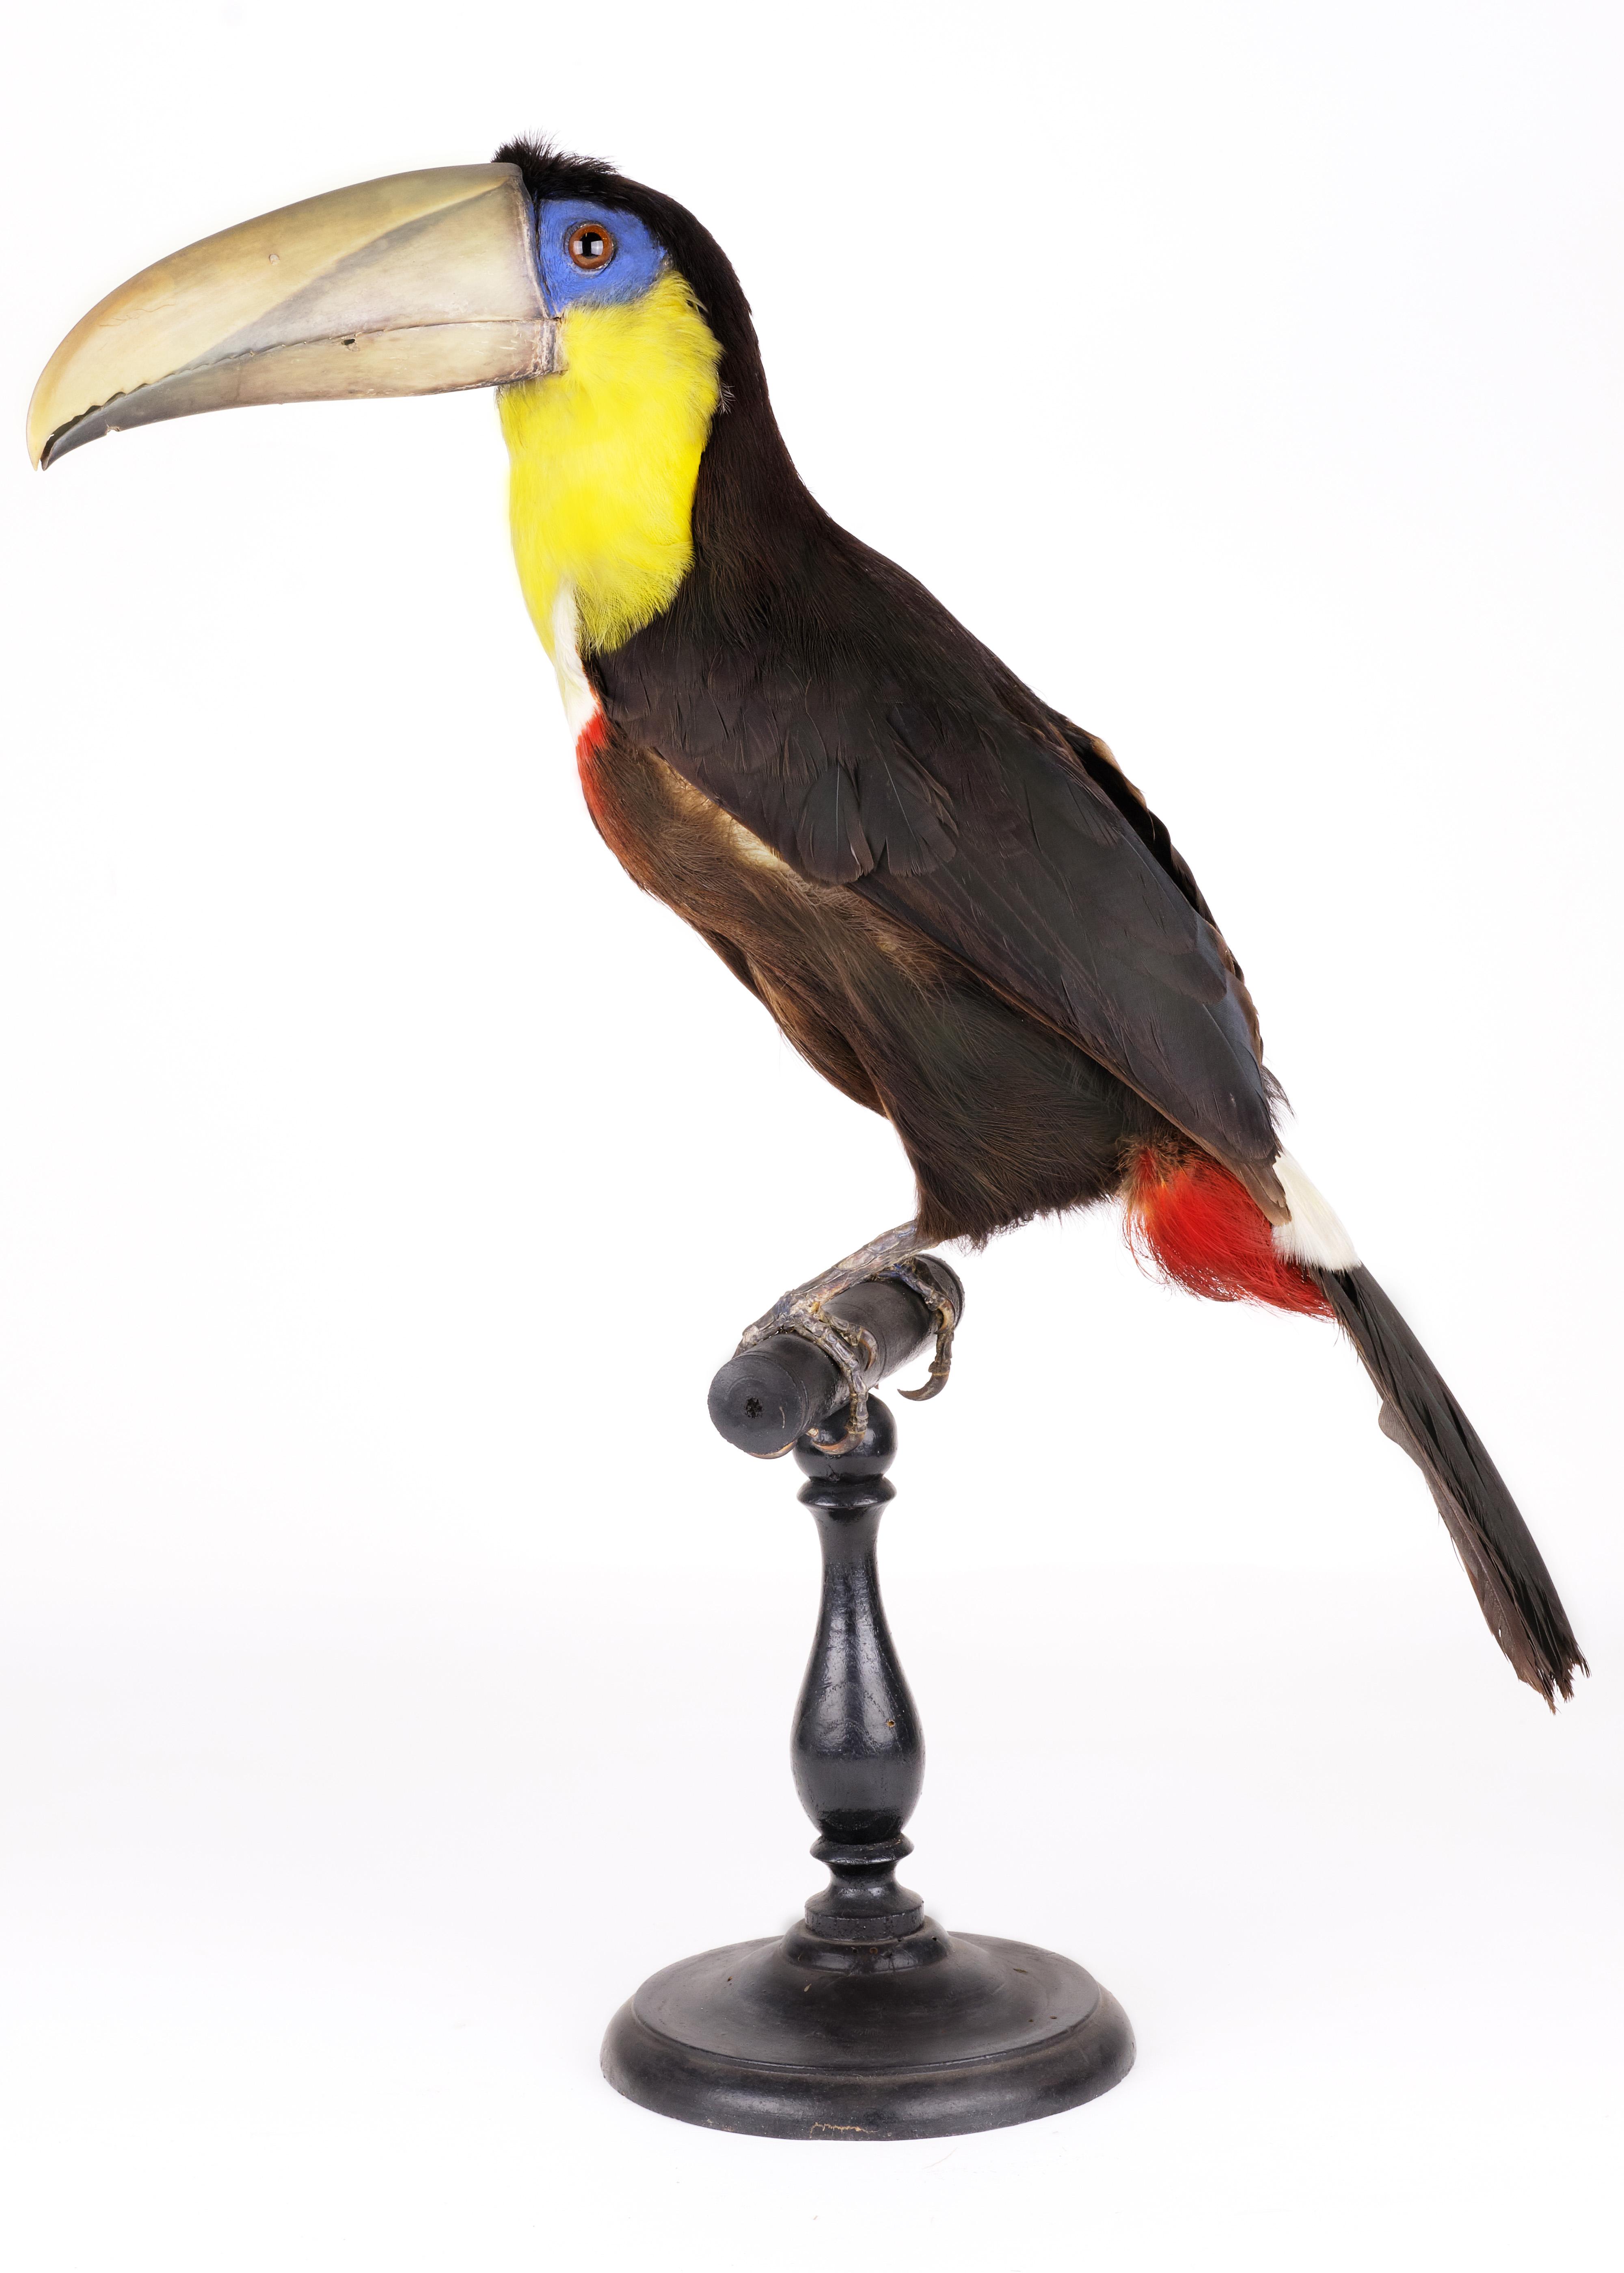 Toucan tocard ©8KStories